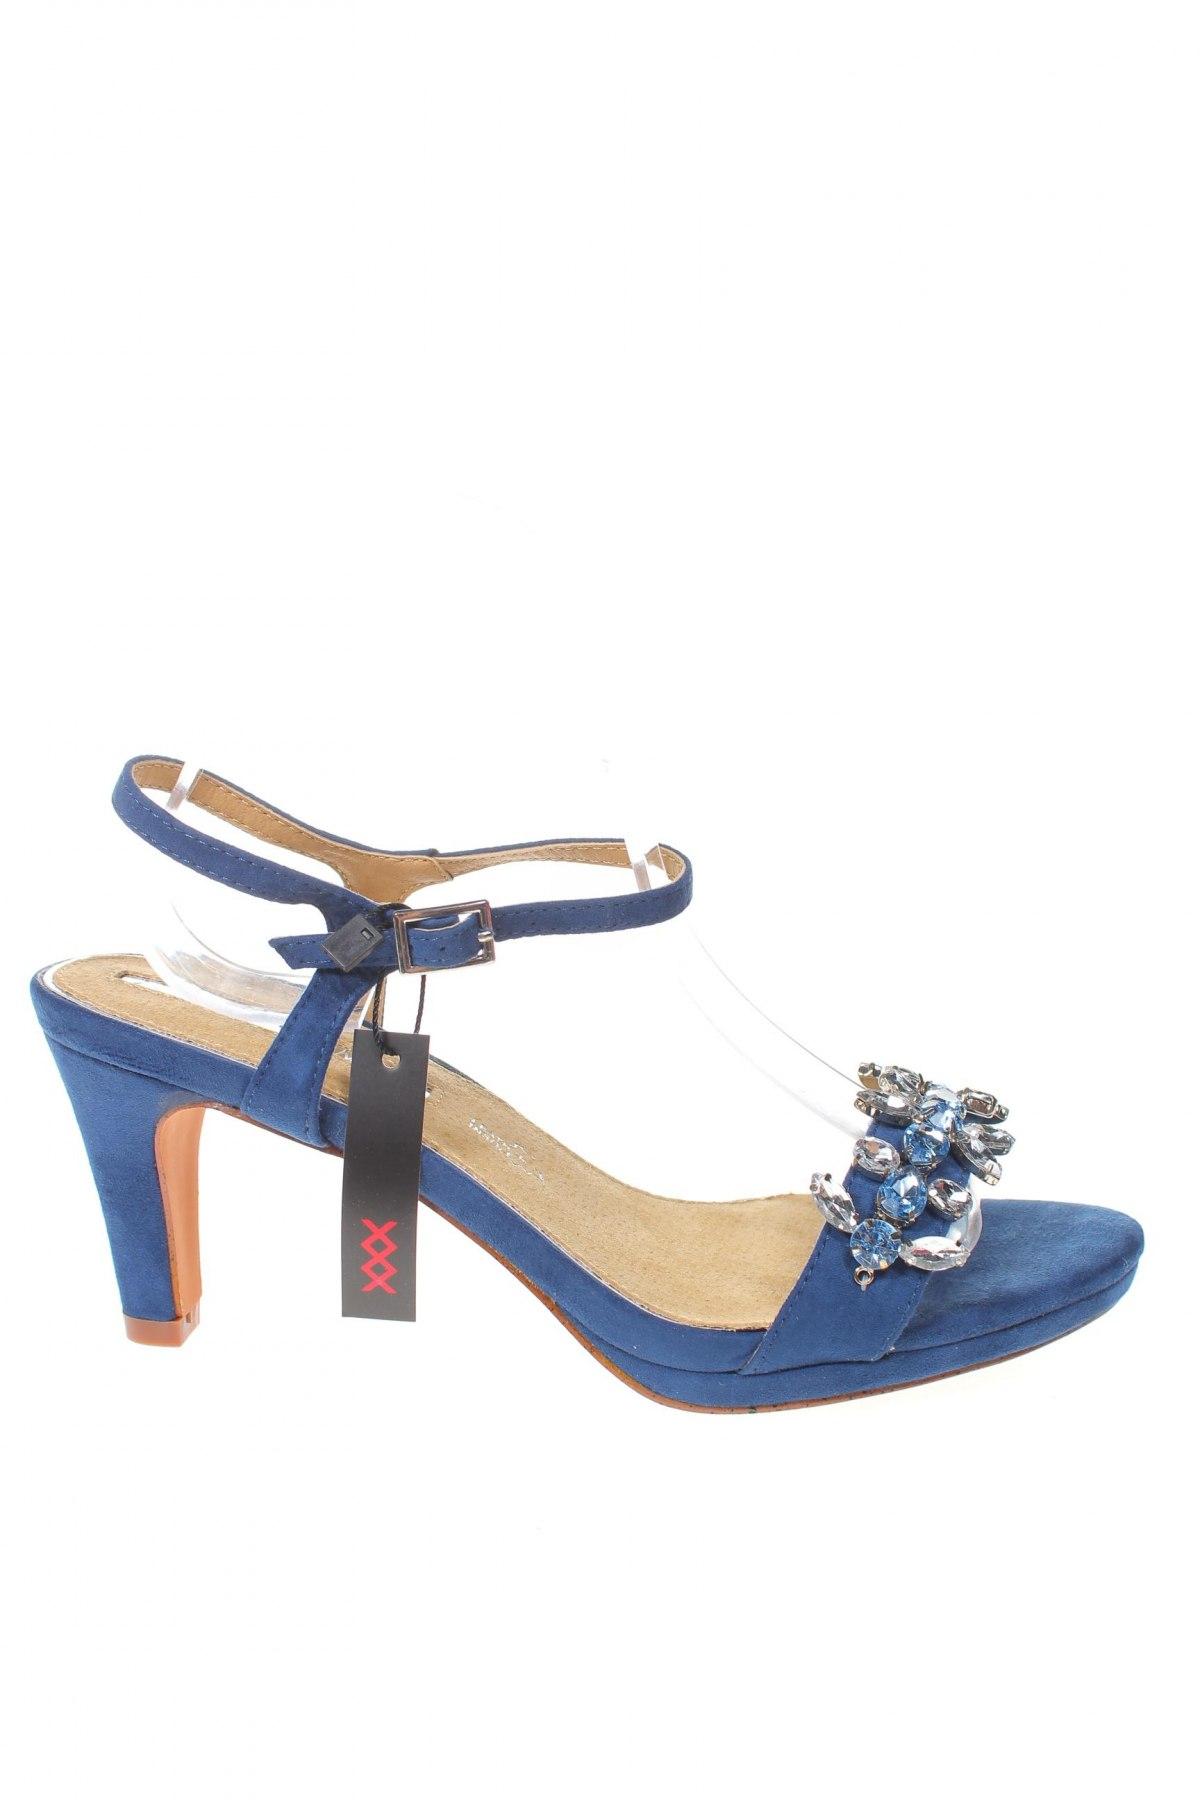 Σανδάλια Maria Mare, Μέγεθος 40, Χρώμα Μπλέ, Κλωστοϋφαντουργικά προϊόντα, Τιμή 16,73€